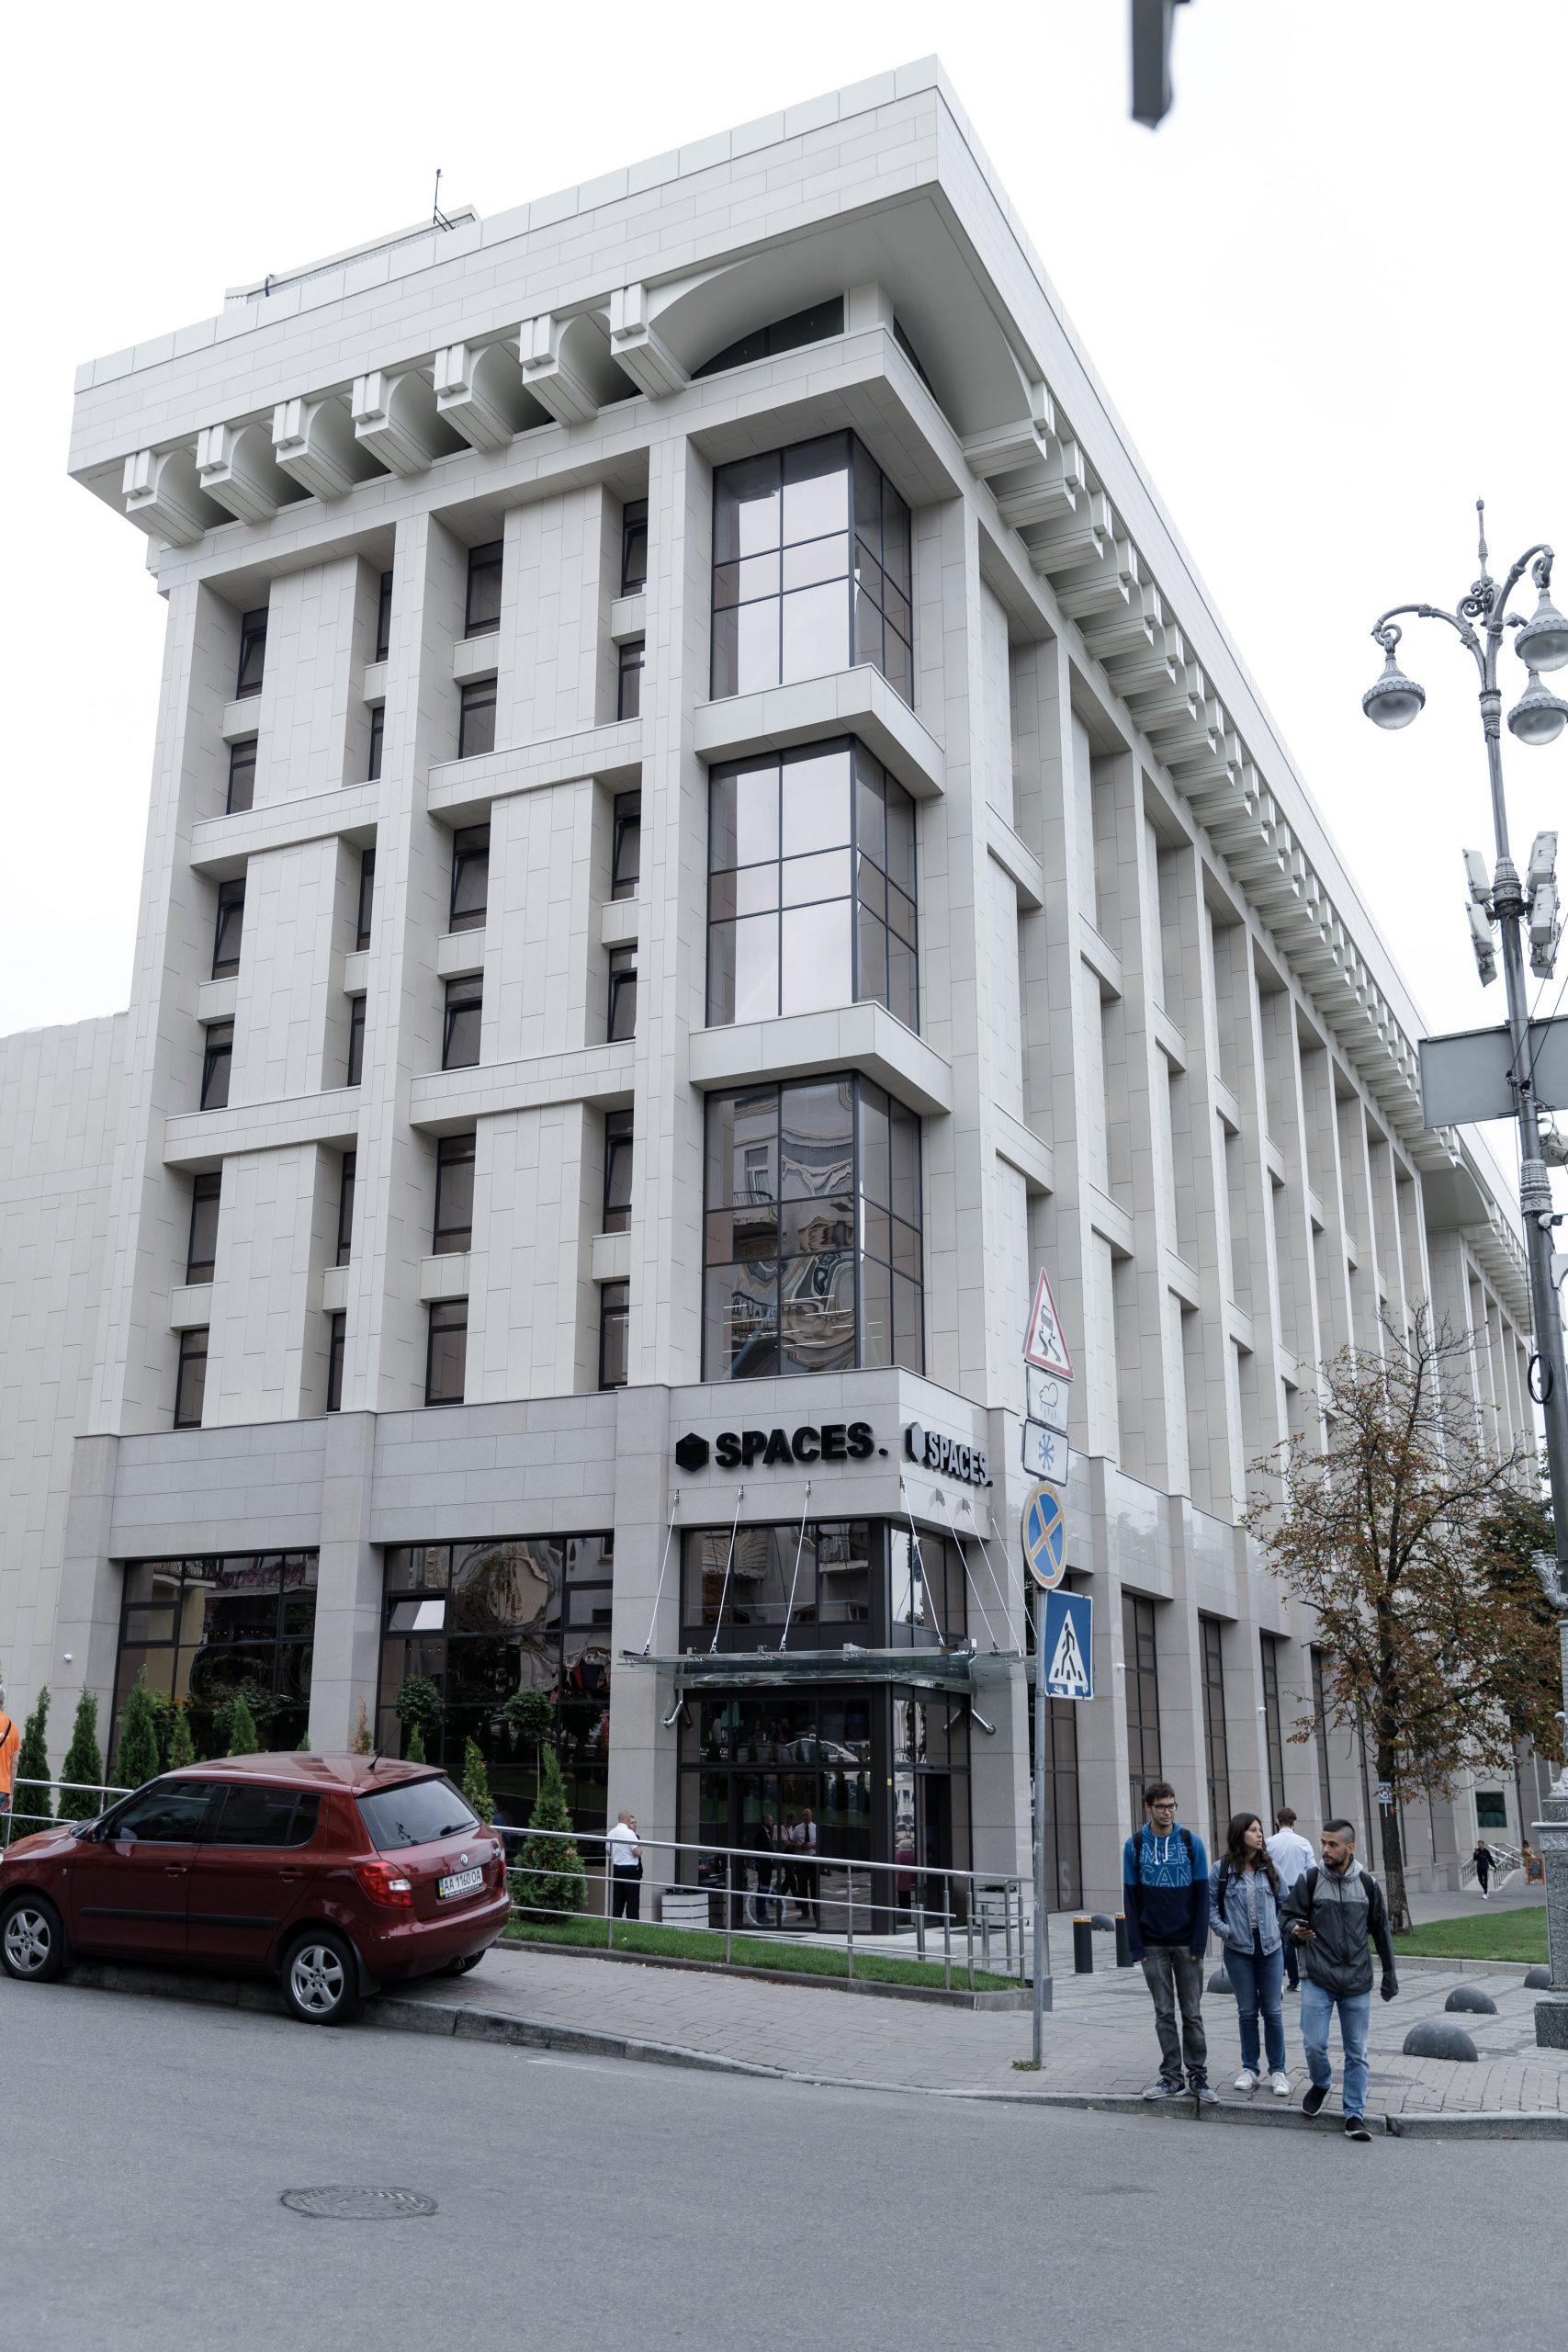 Pohled z ulice na administrativní budovu SPACES v Kyjově